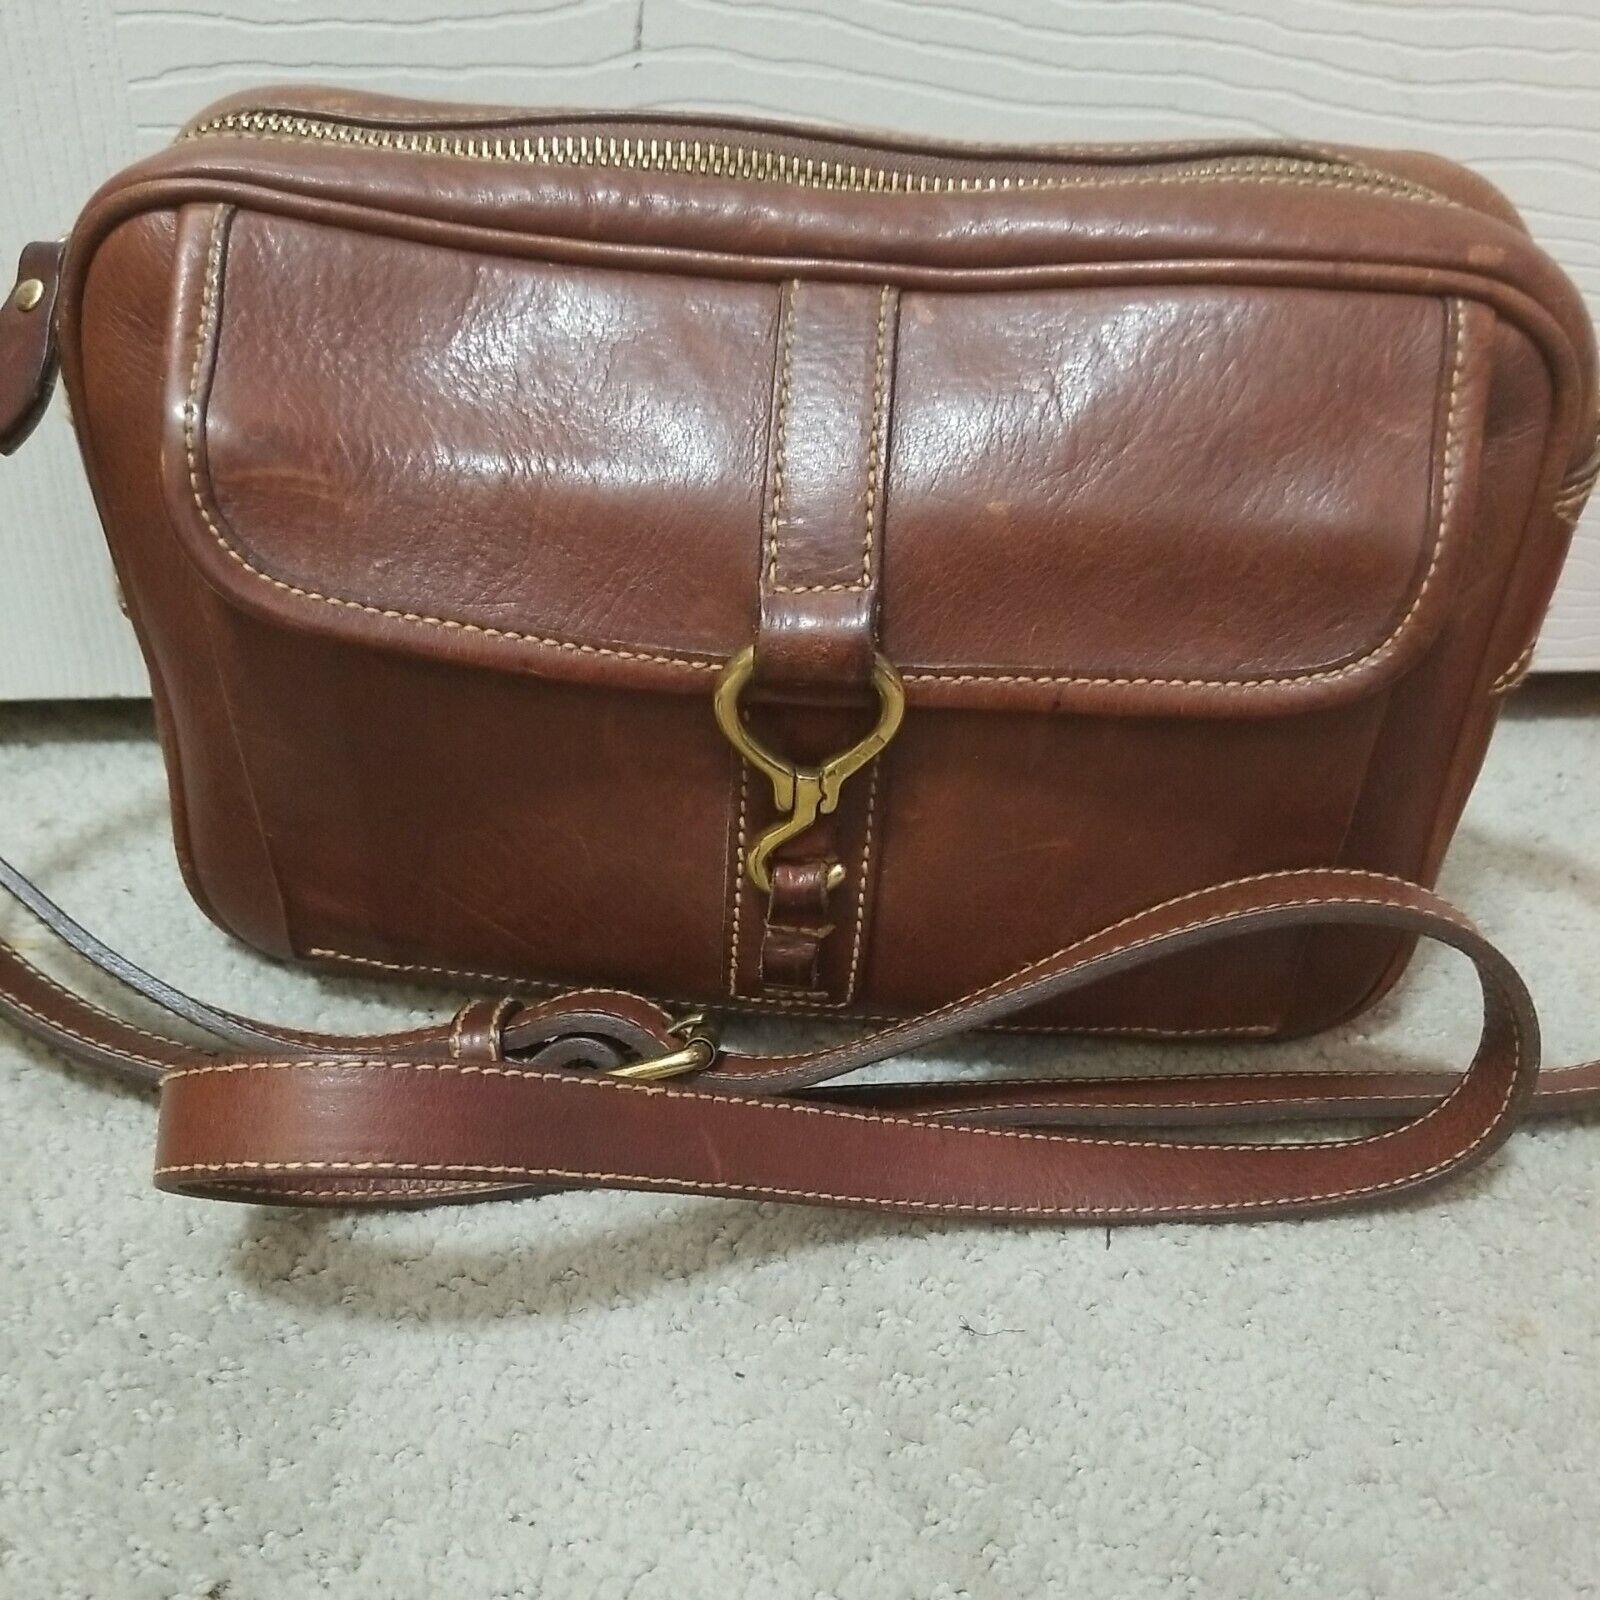 Ralph Lauren Vintage Crossbody bag - image 1